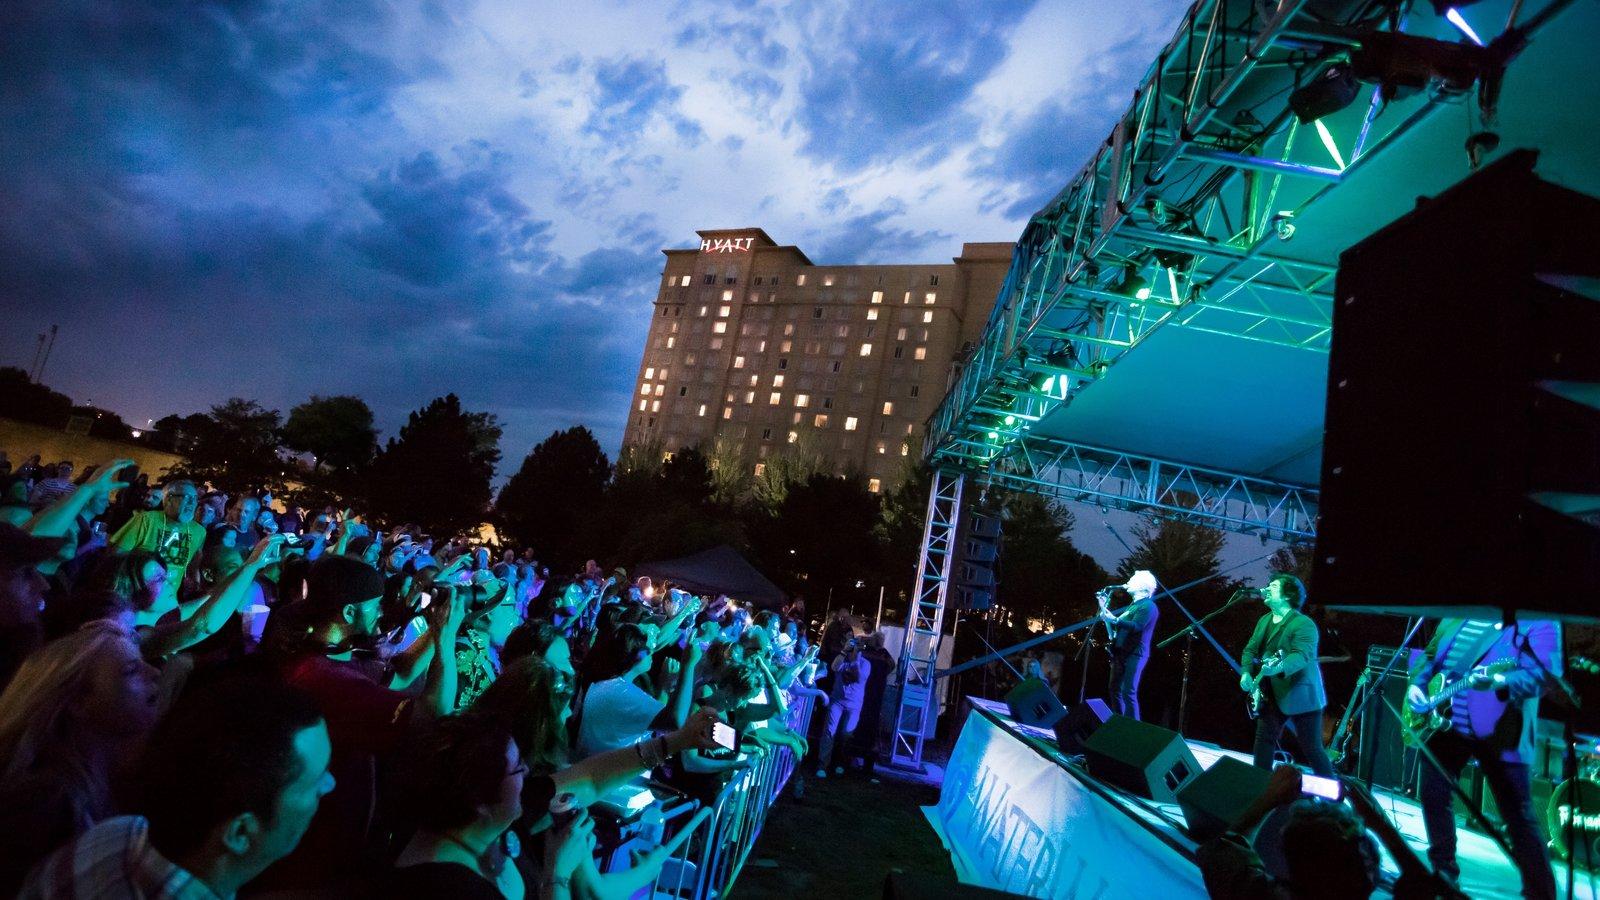 Wichita mostrando música, cenas noturnas e arte performática